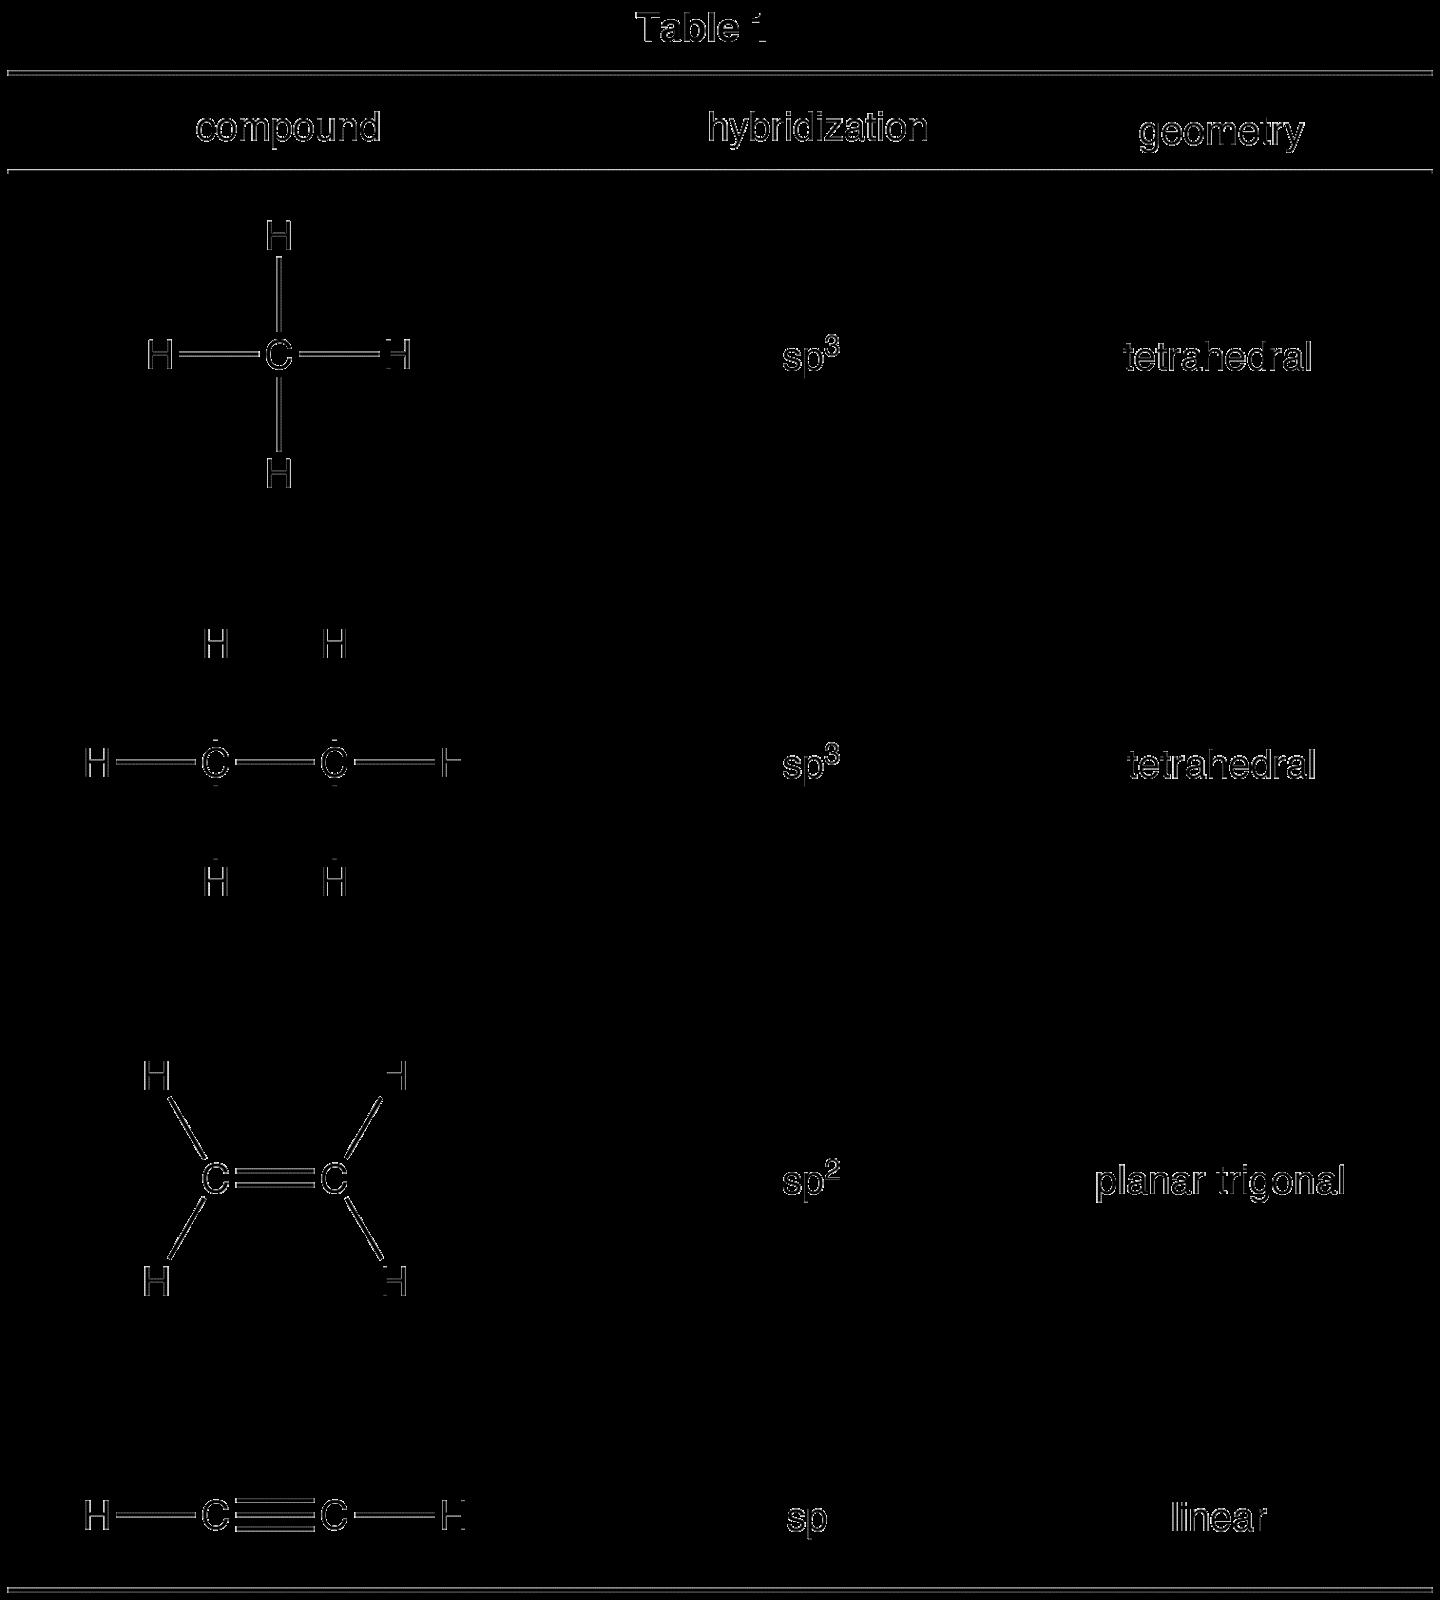 401x389 401 x 389 jpeg 17kb xef2 molecular geometry molecular geometry ...